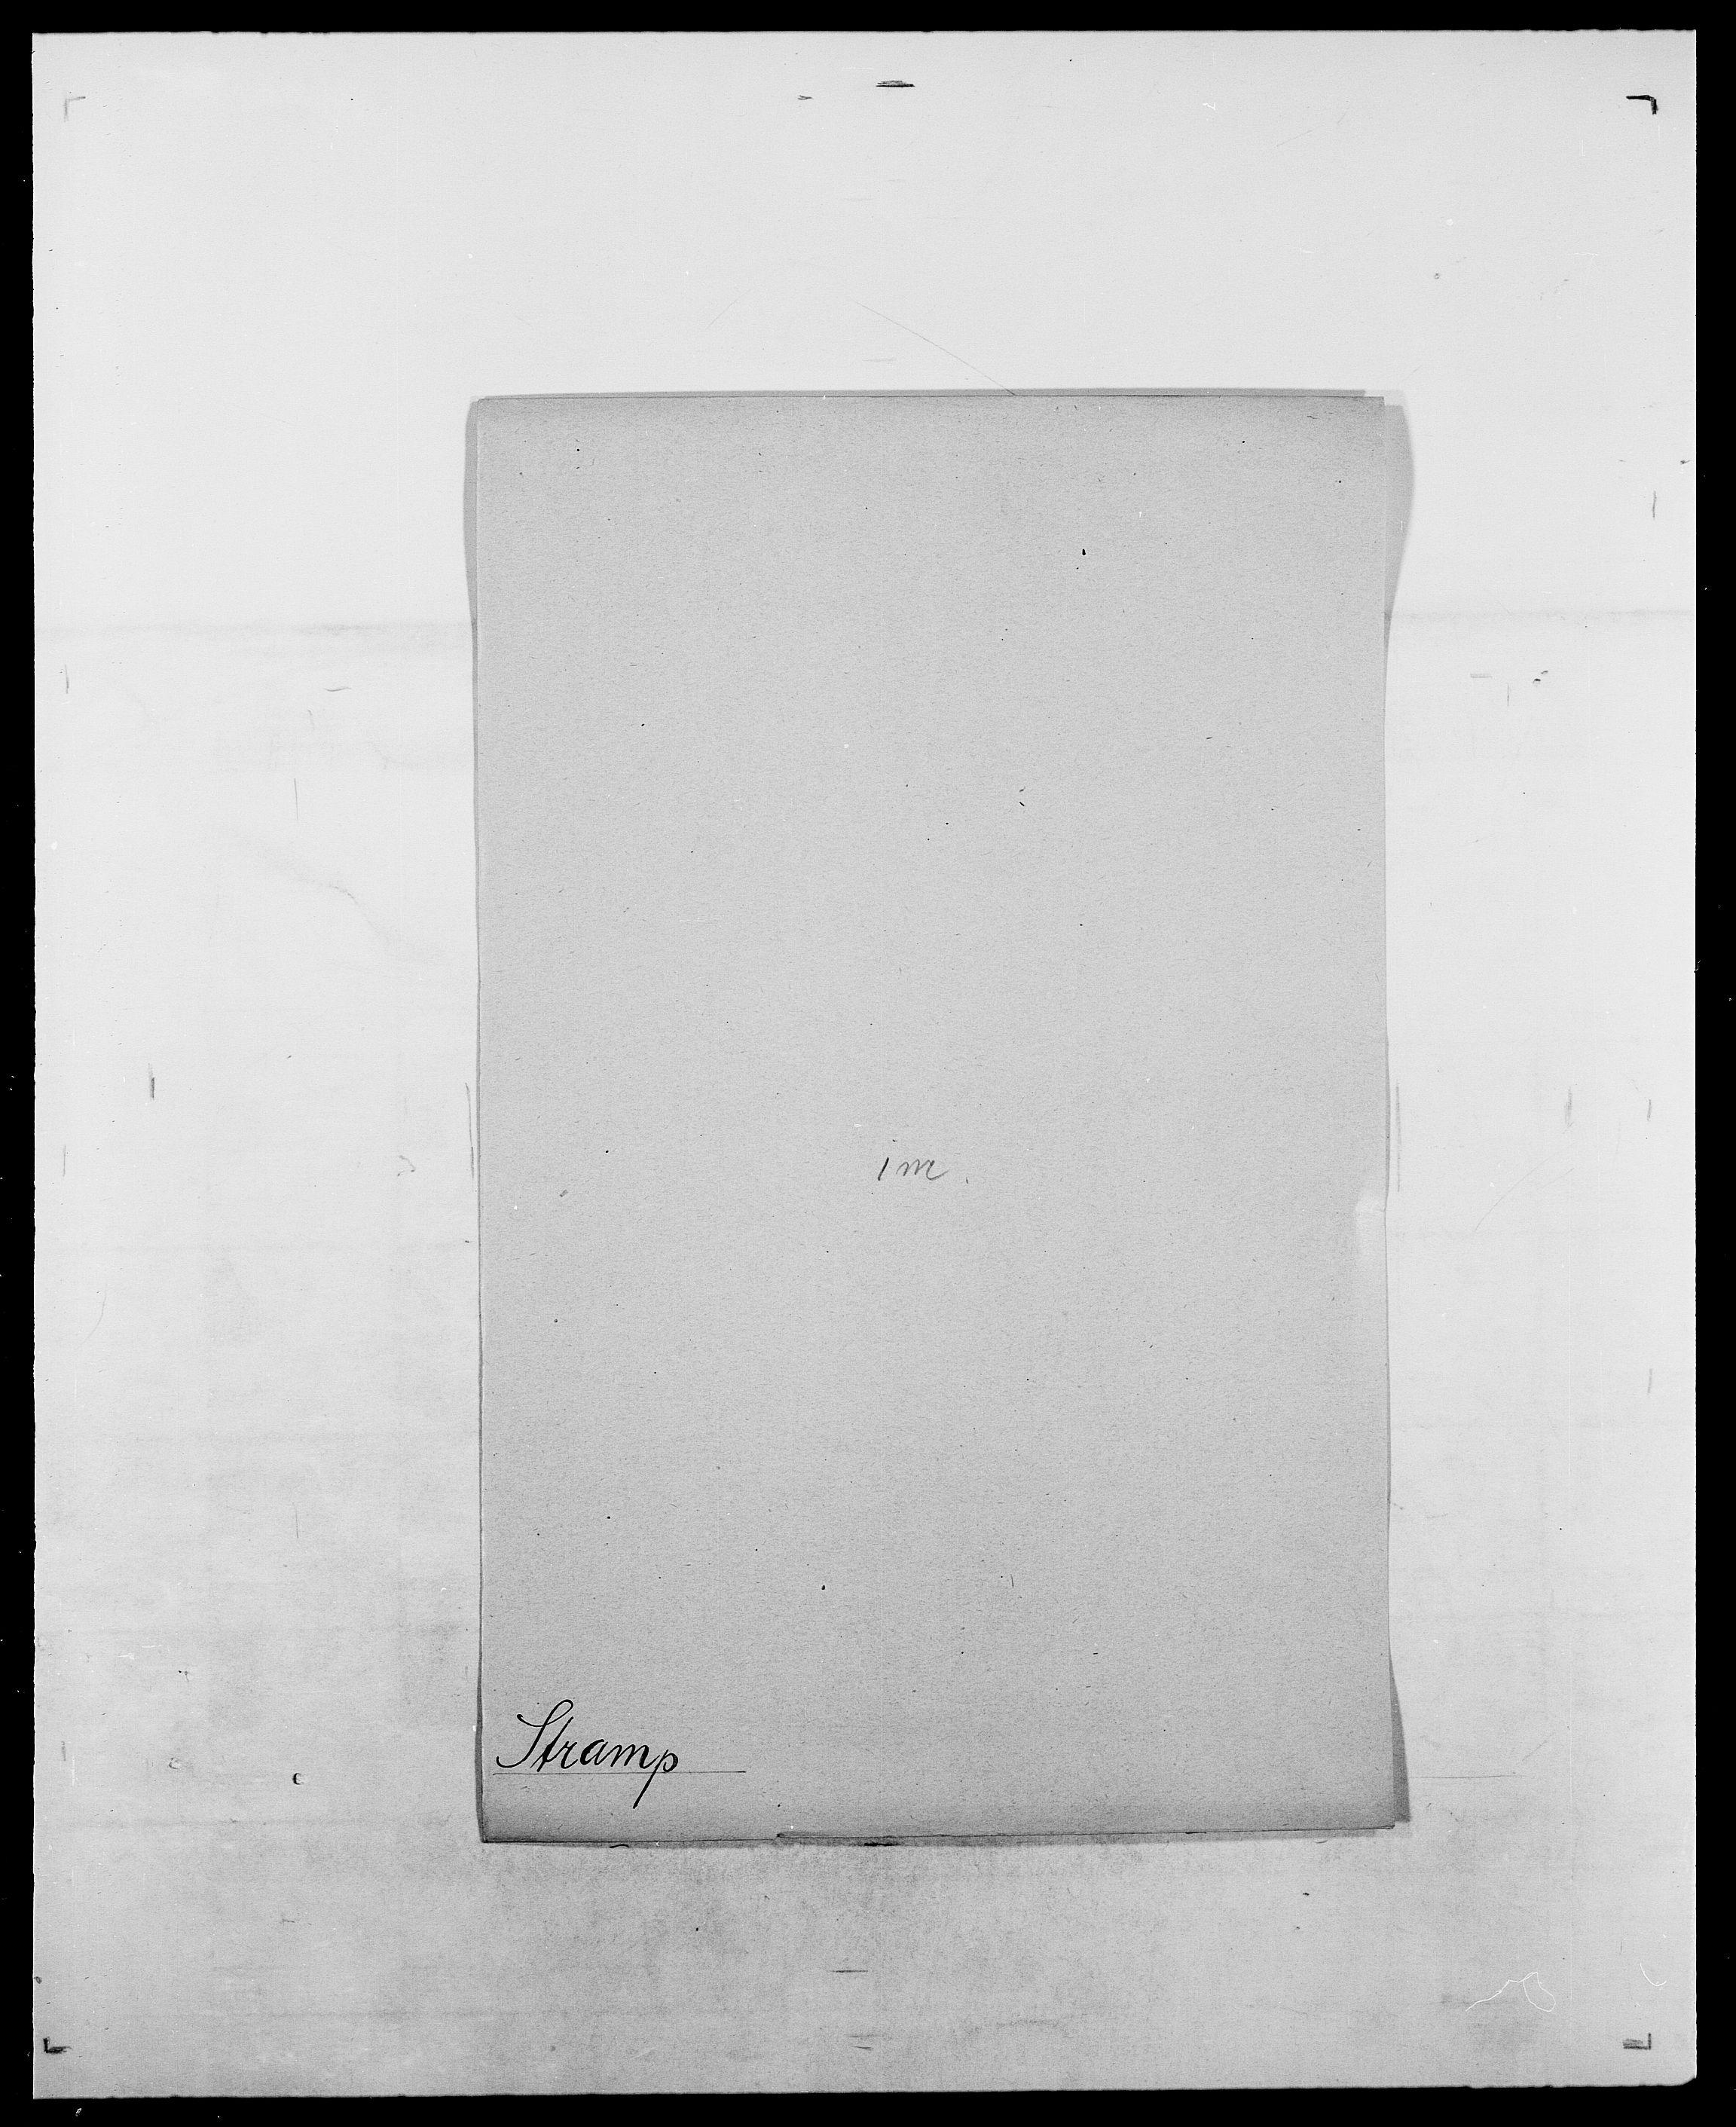 SAO, Delgobe, Charles Antoine - samling, D/Da/L0037: Steen, Sthen, Stein - Svare, Svanige, Svanne, se også Svanning og Schwane, s. 555